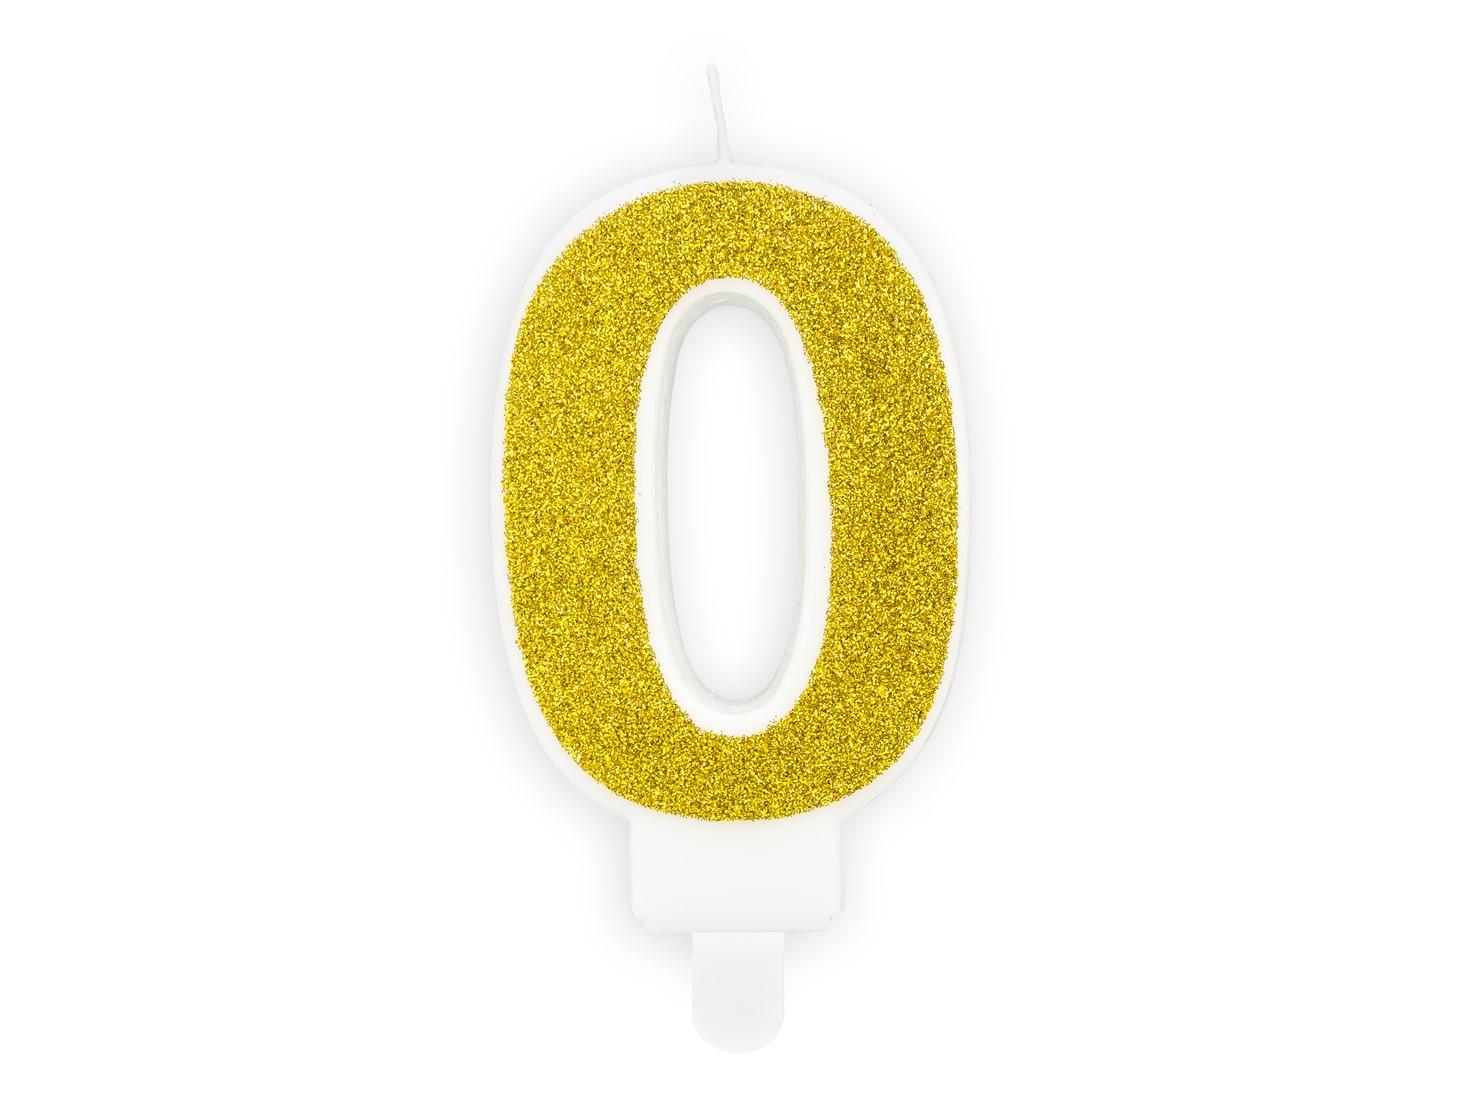 Κεράκι Αριθμός 0 Λευκό με Χρυσό Γκλίτερ